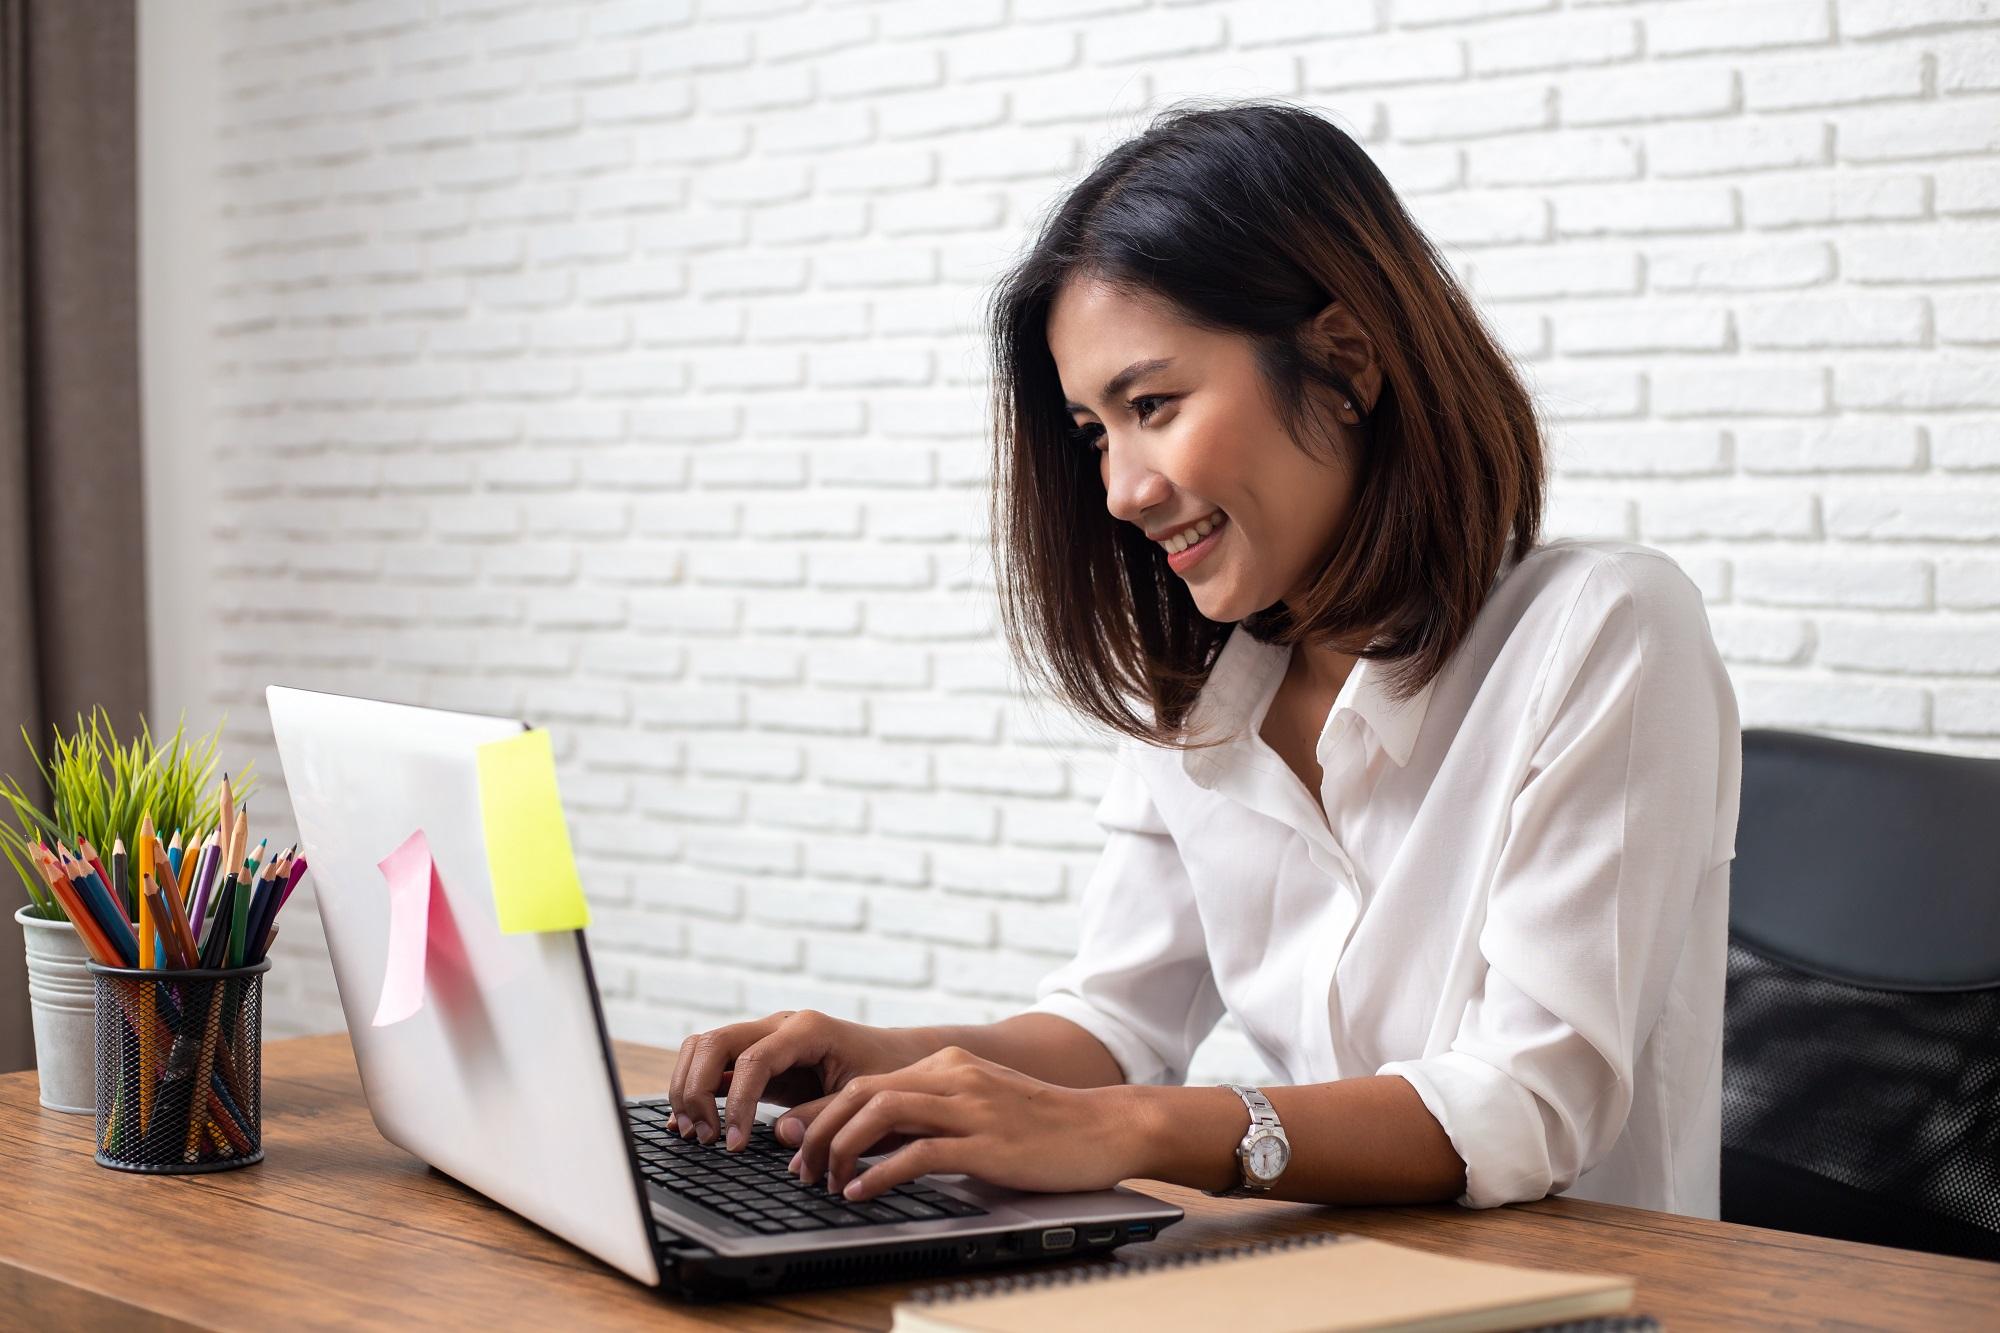 Dicas de prospecção para freelancers